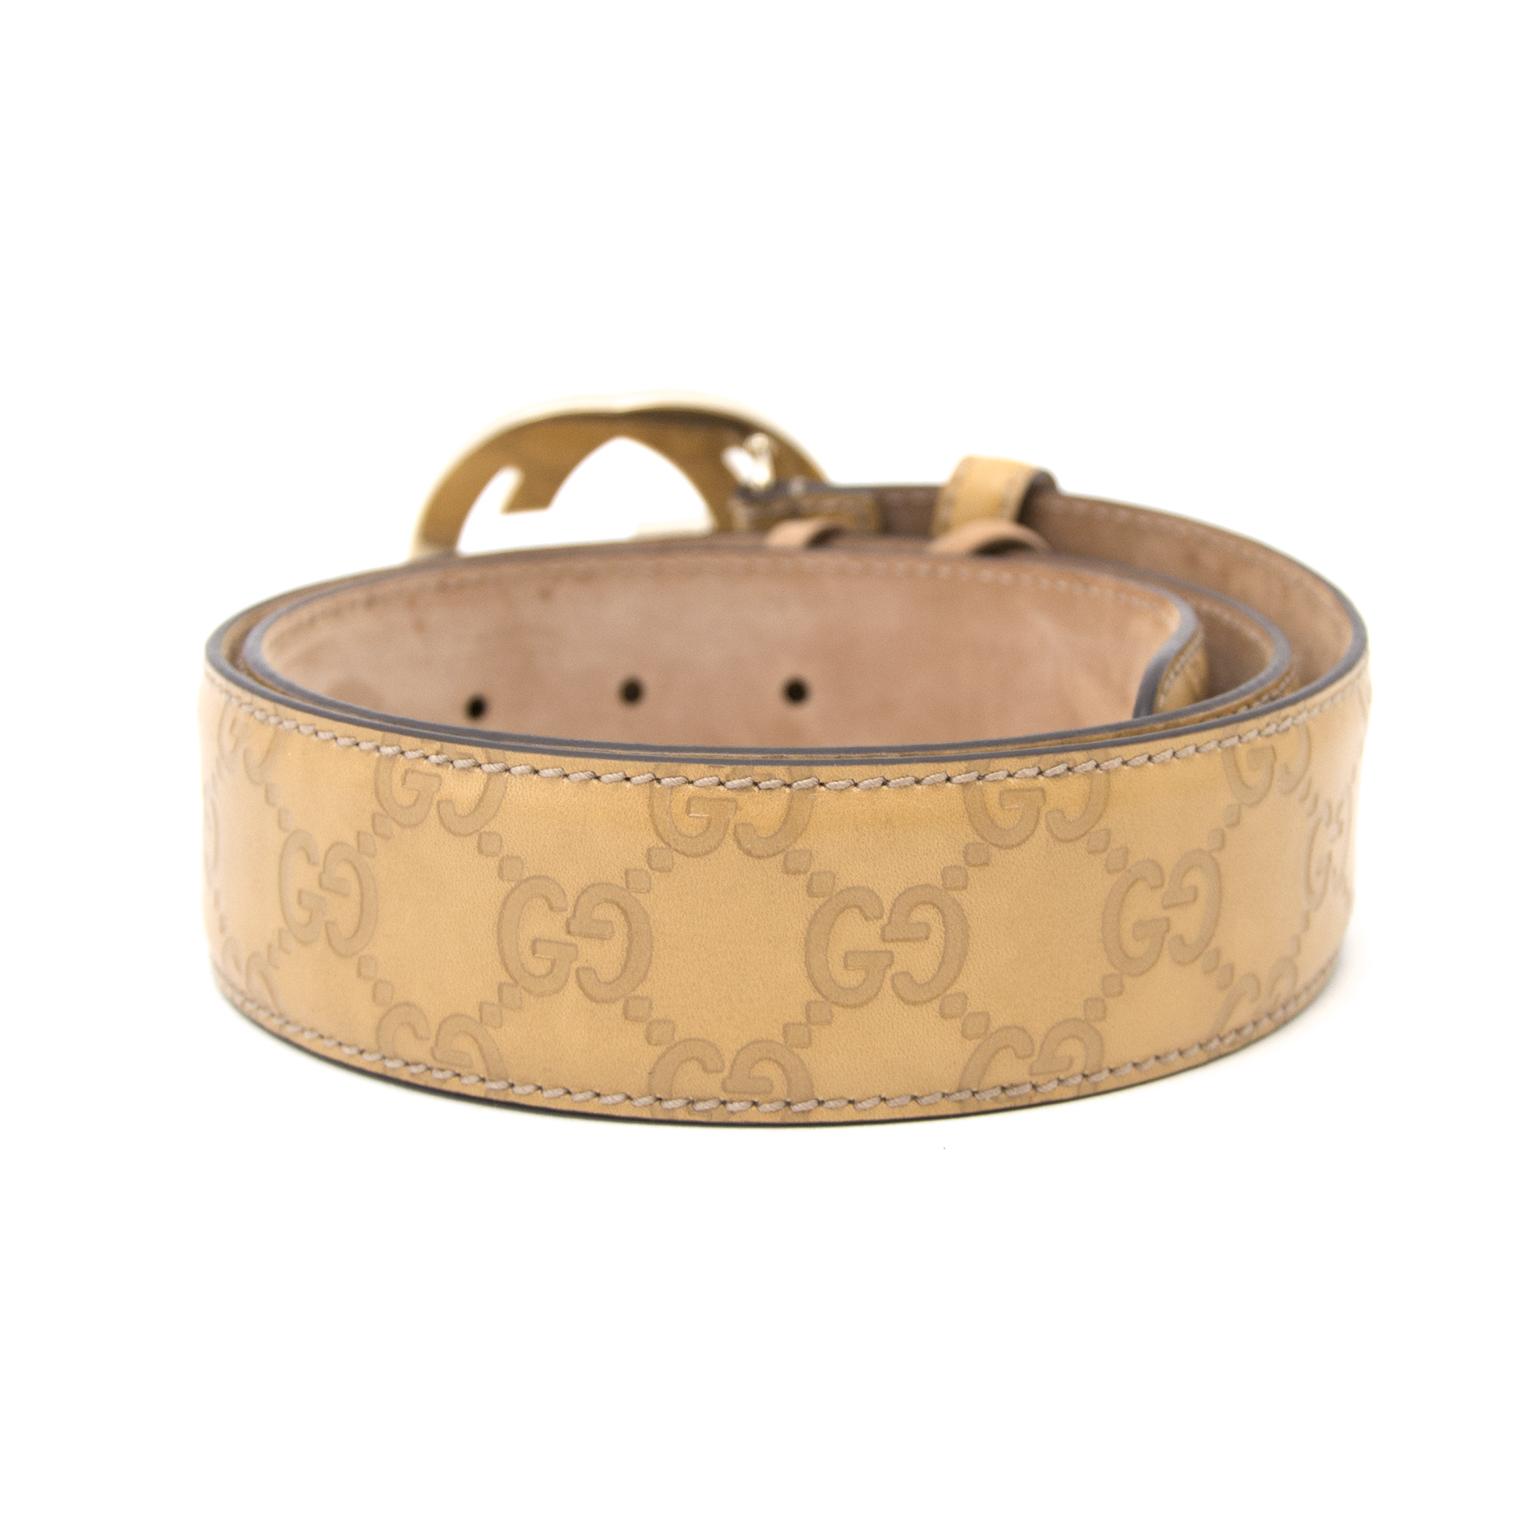 Koop nu veilig een echte Gucci 'GG' riem op www.labellov.com aan de beste prijs.